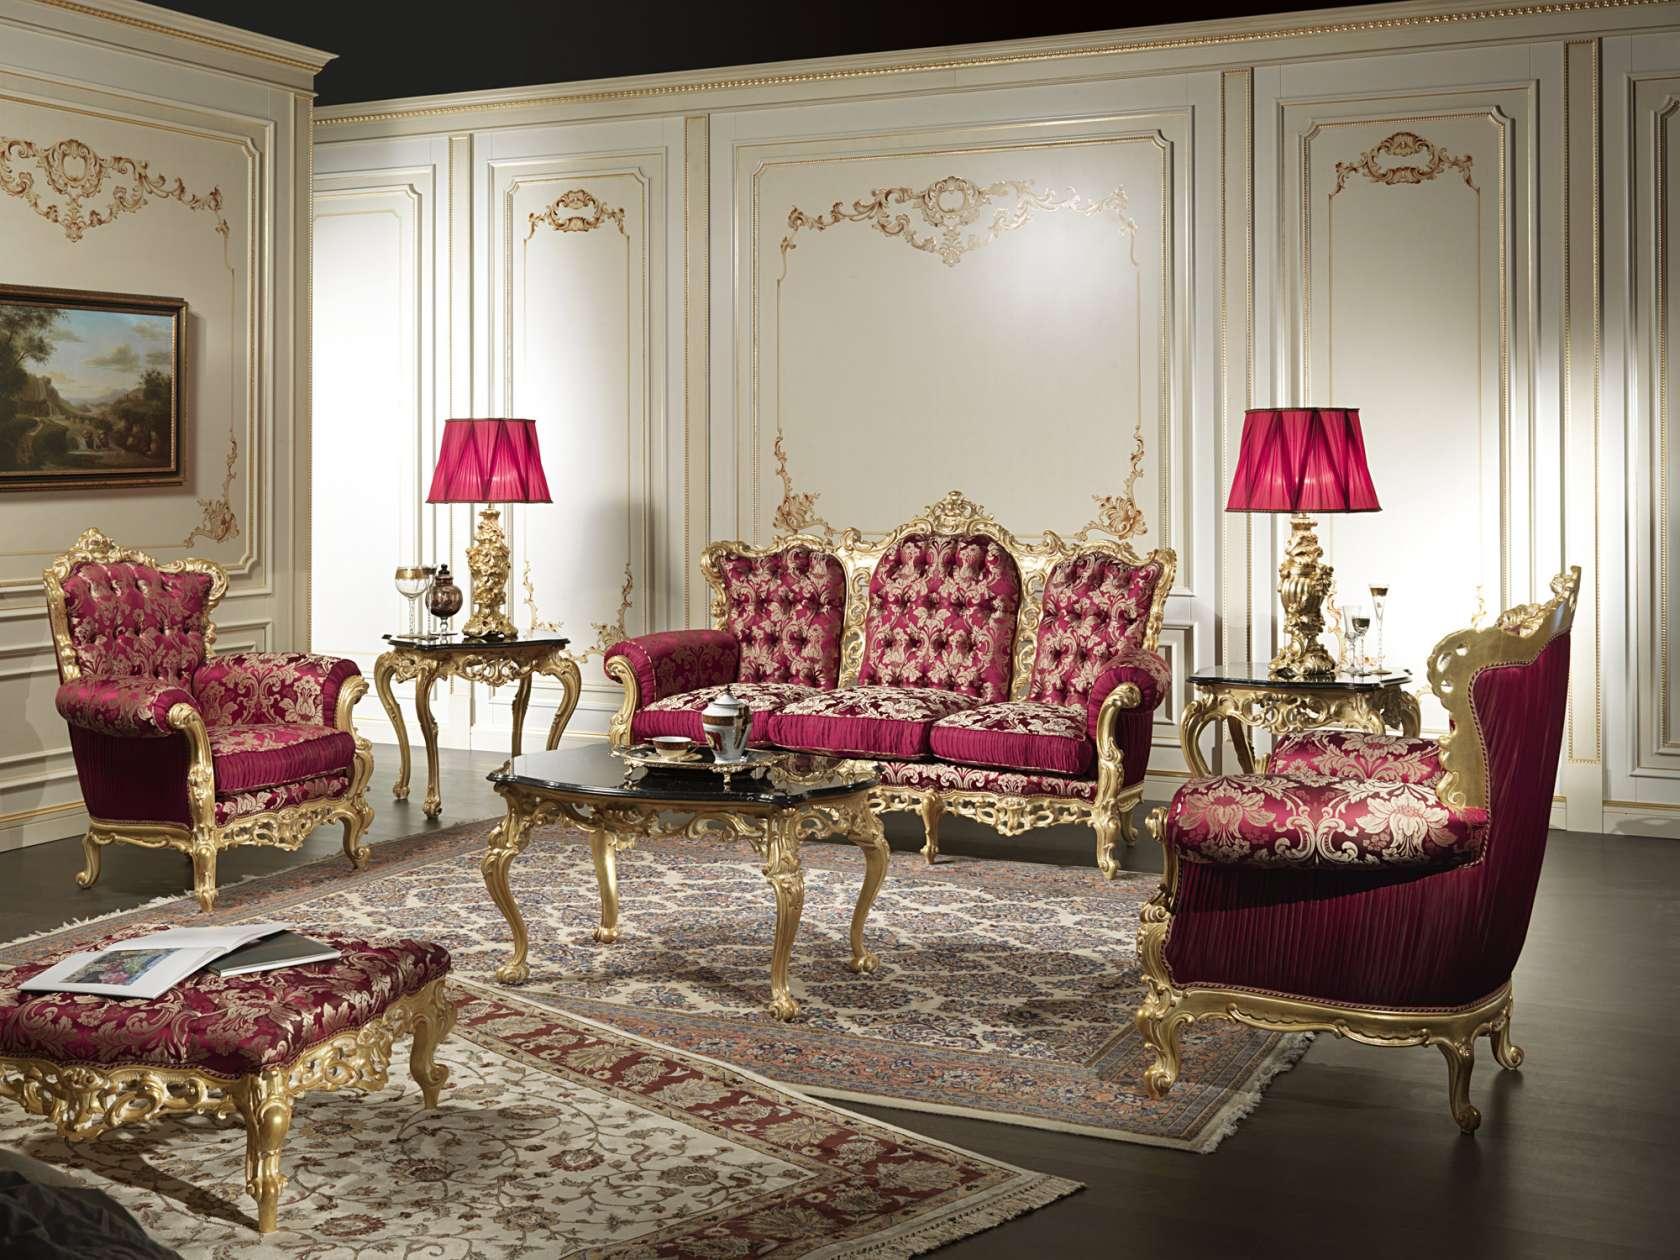 Baroque Interior Design Idesignwiki